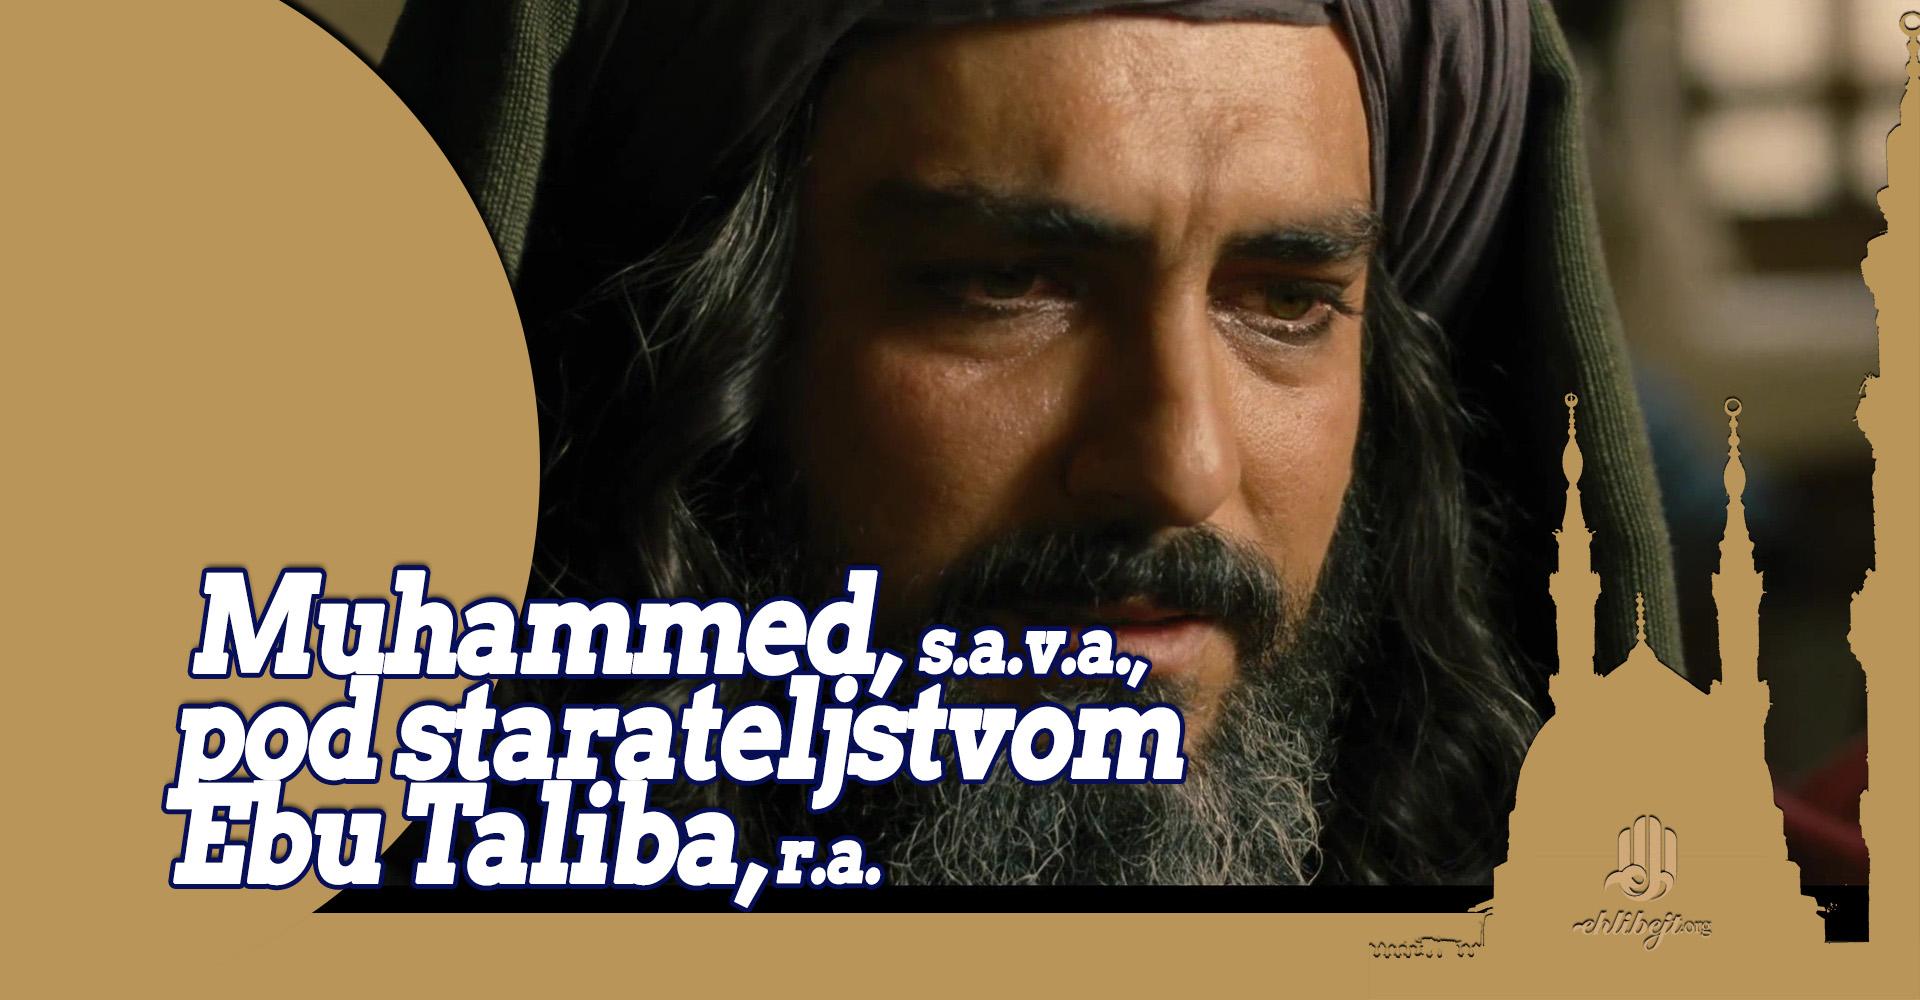 Muhammed, s.a.v.a., pod starateljstvom Ebu Taliba, r.a.